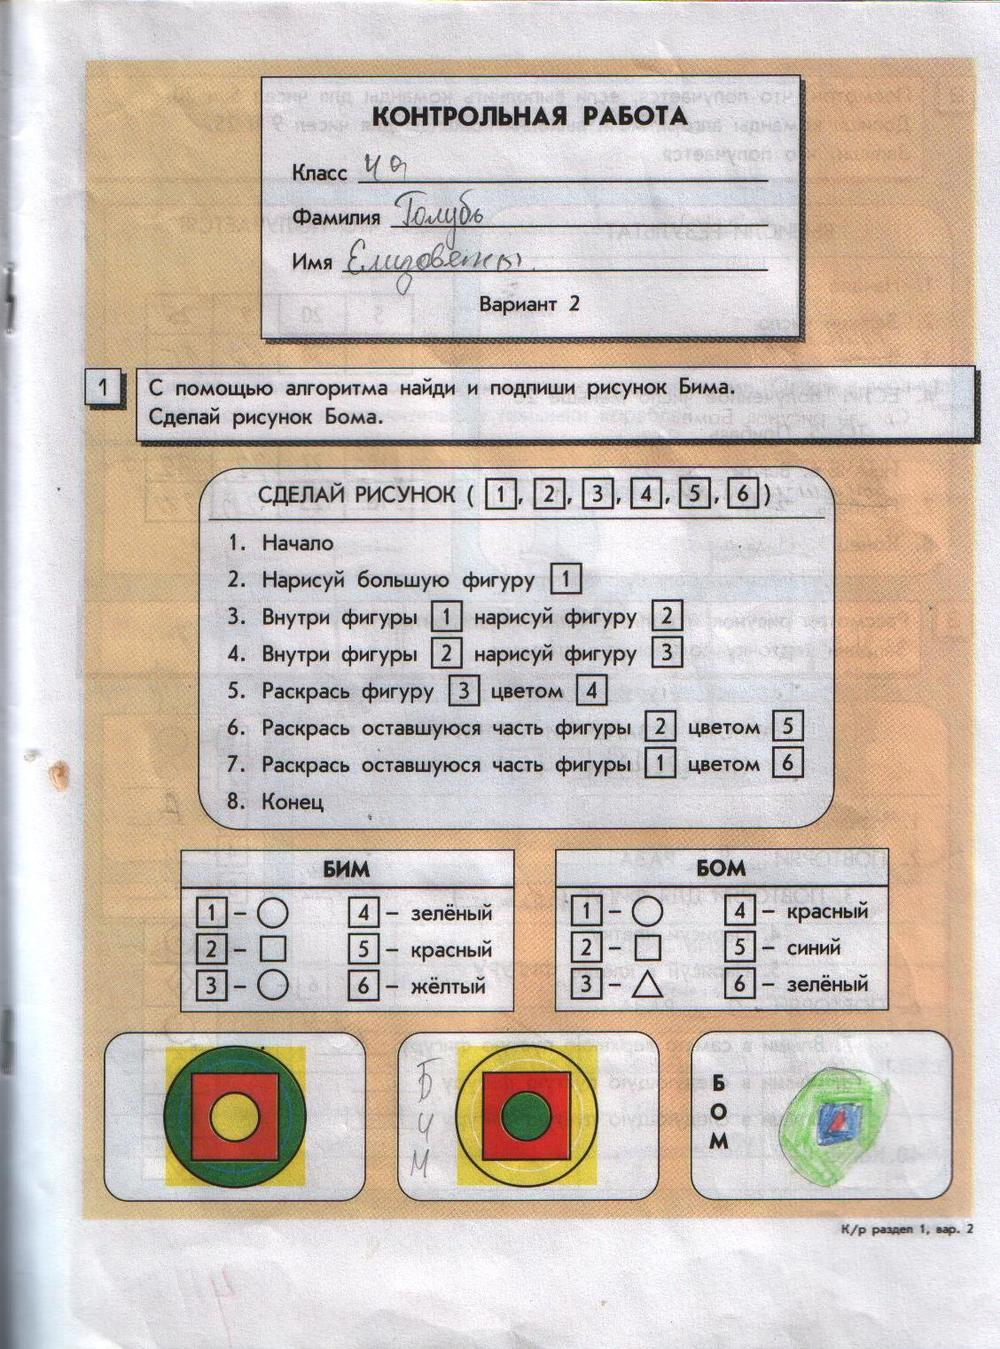 Ответы по информатике за 4 класс часть 1 горячев страница